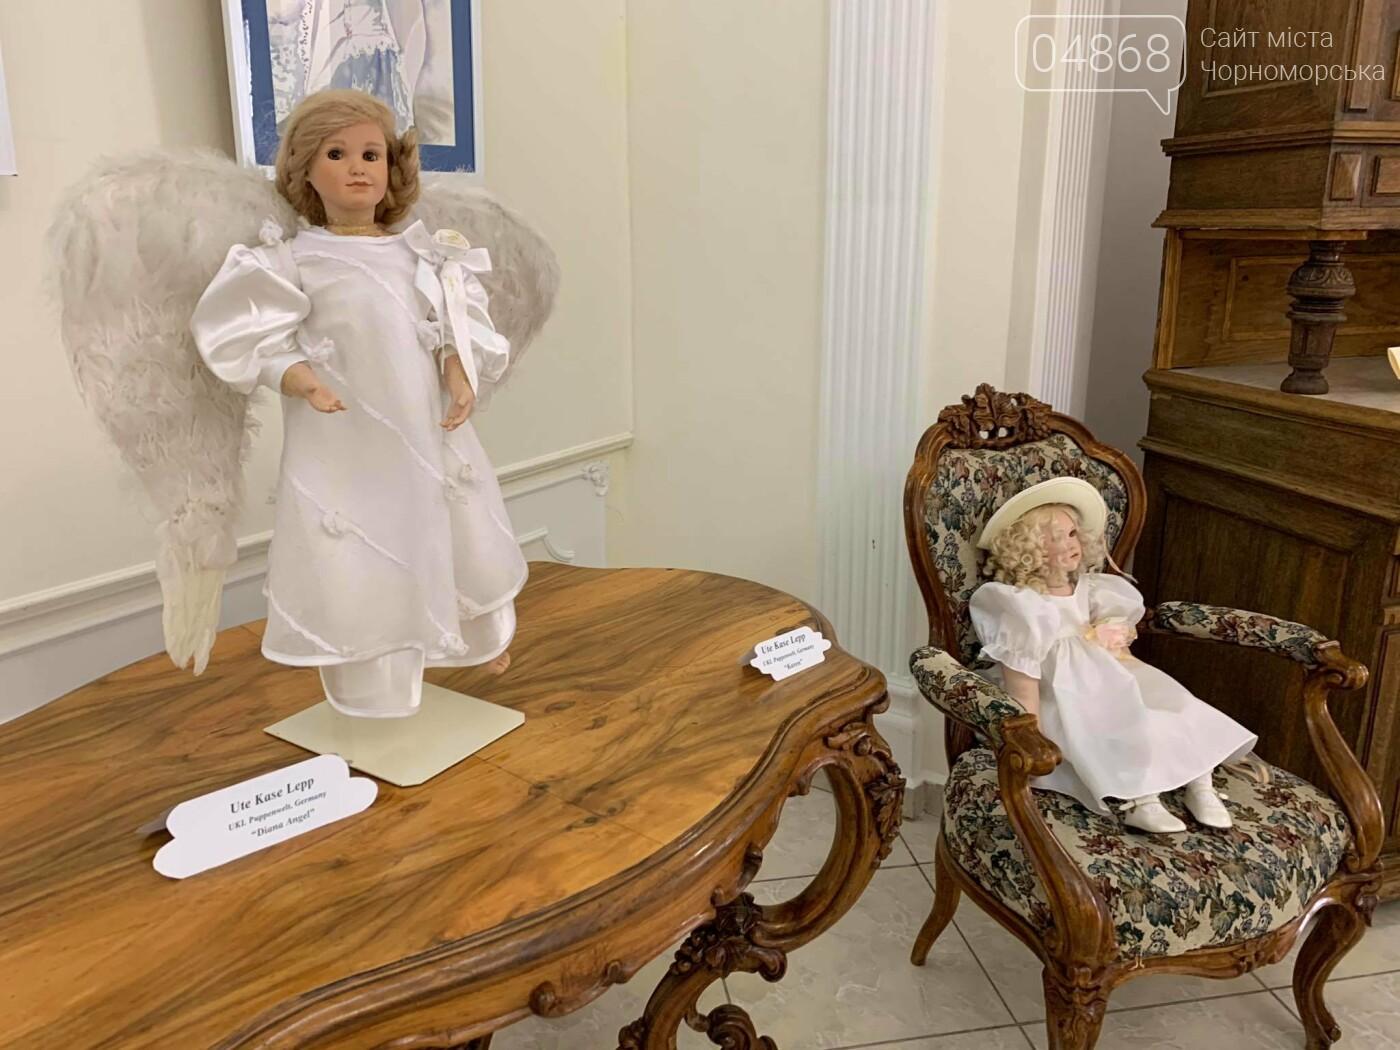 Как будто живые: в Черноморске проходит выставка фарфоровых кукол (видео), фото-17